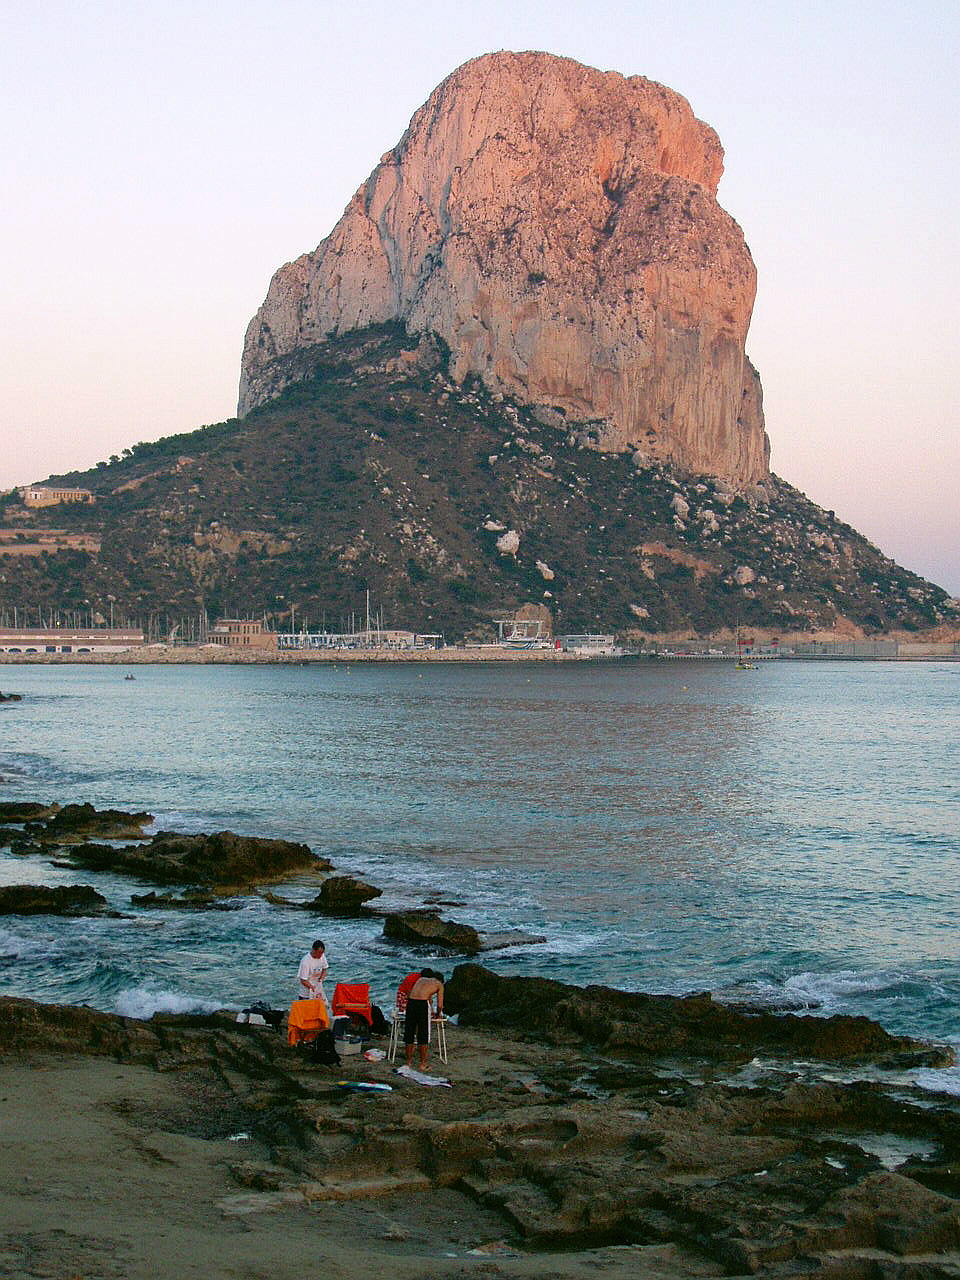 Foto playa Cantal Roig. Peñon de Ifach, Calpe, Alicante, España